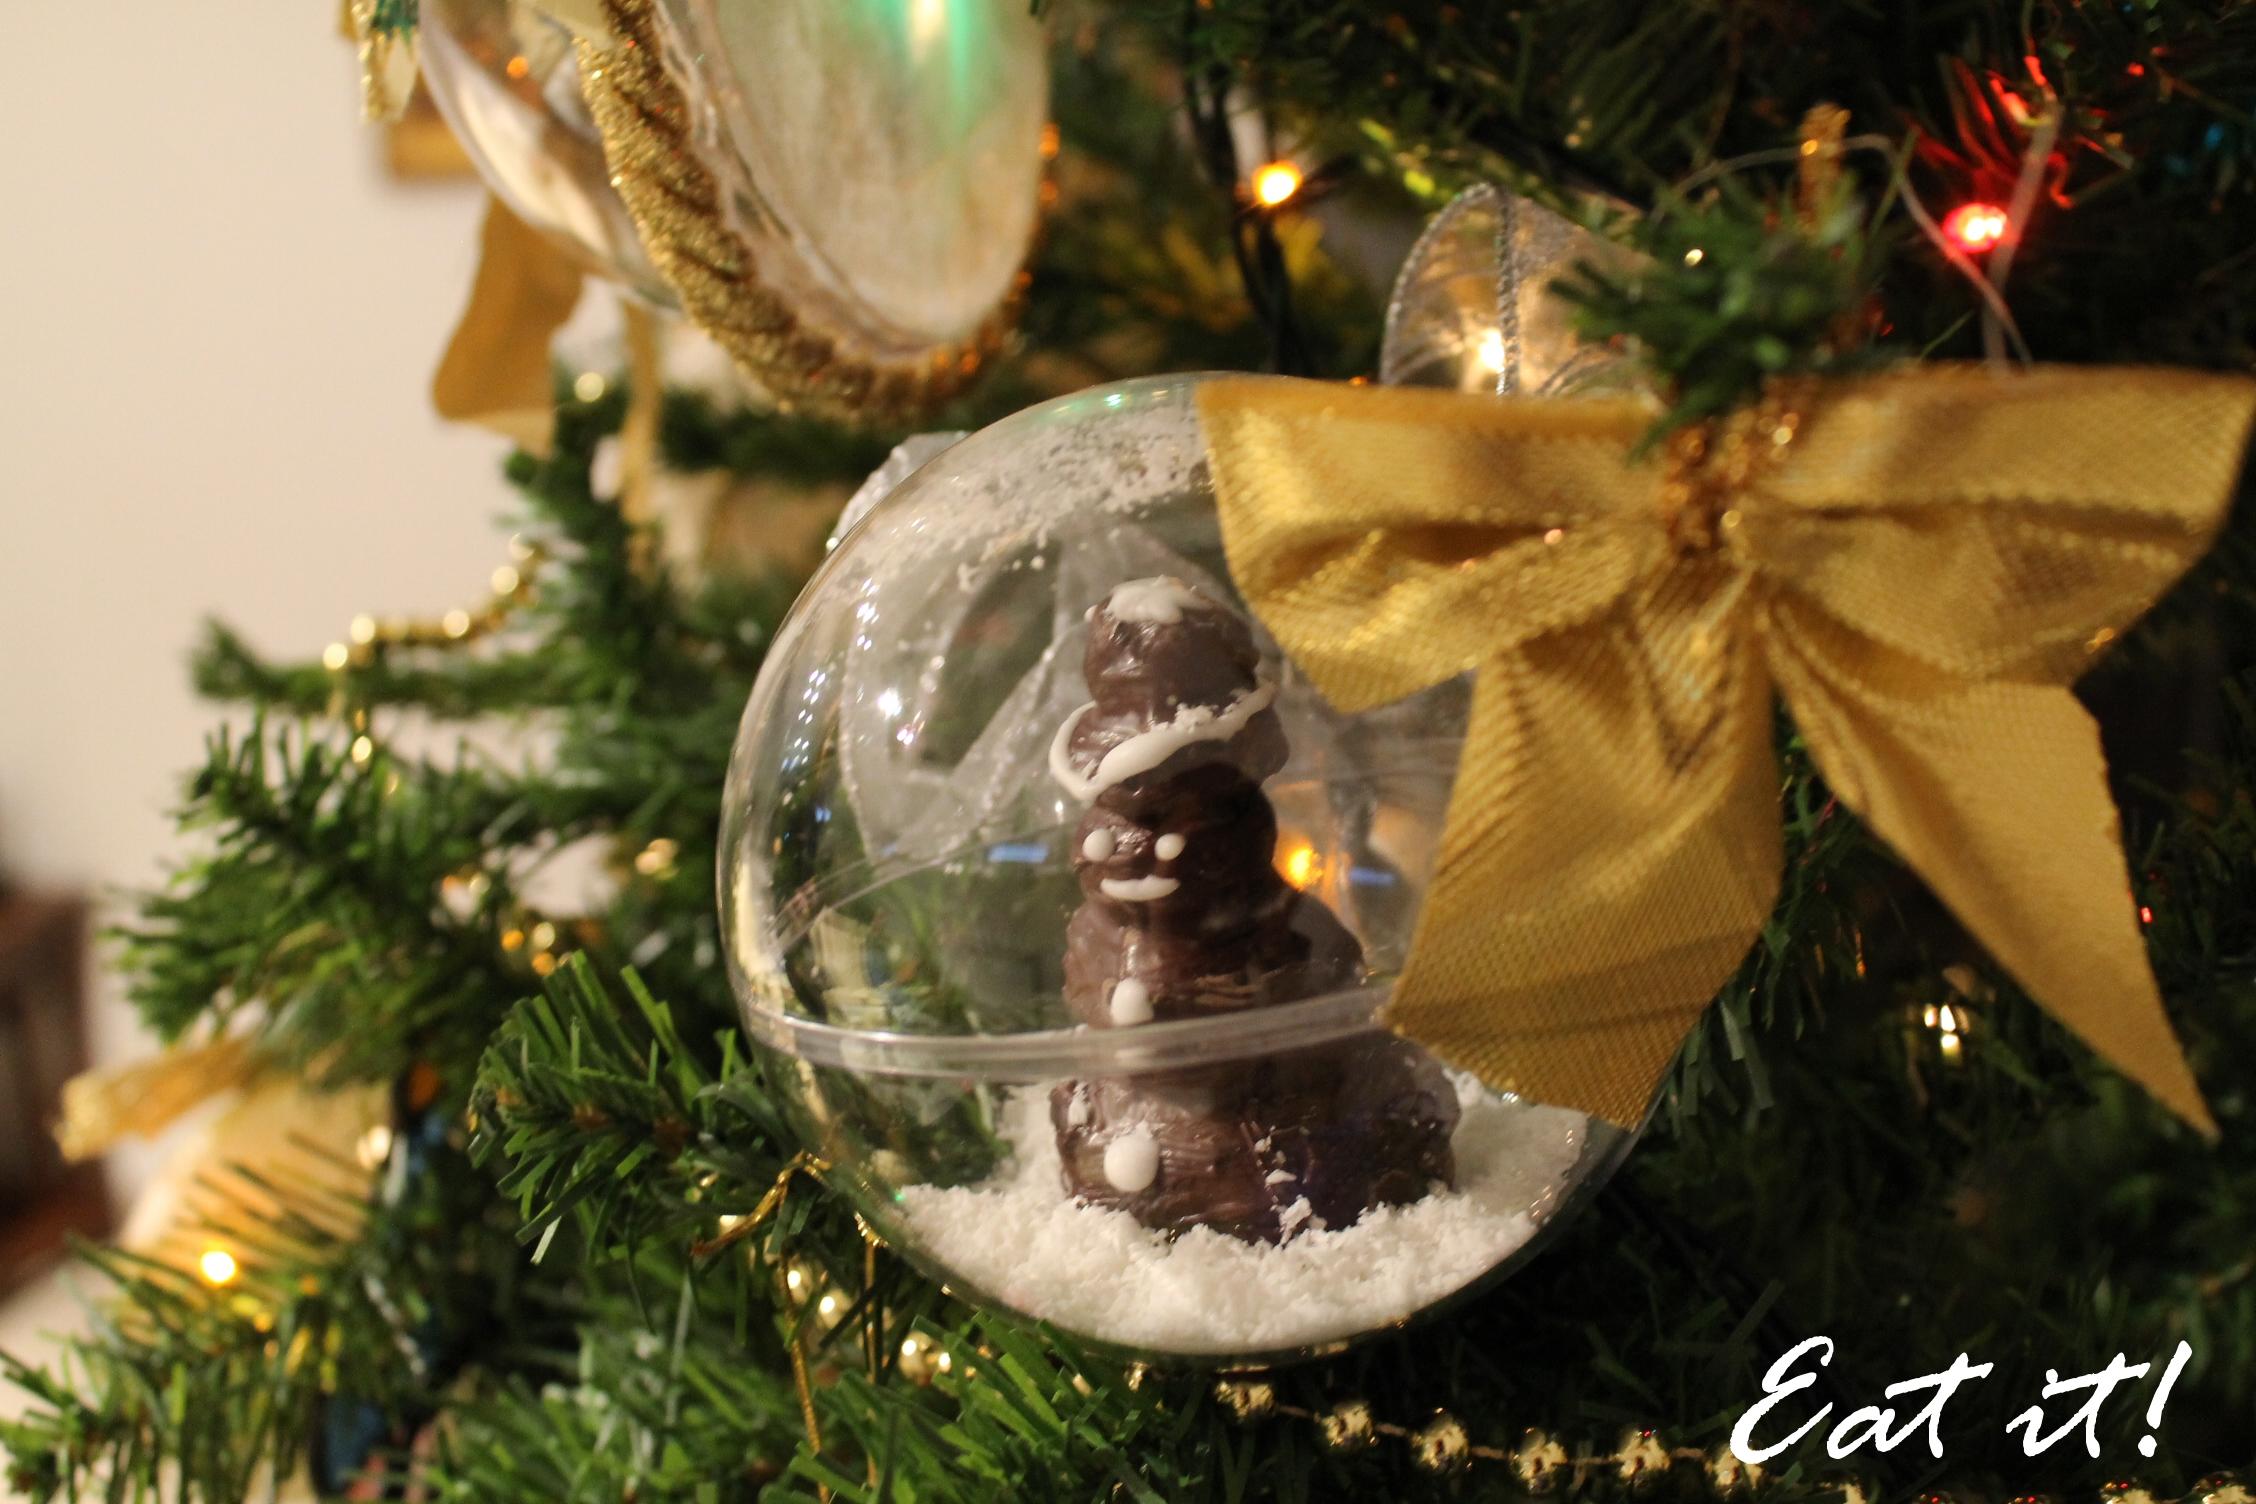 Foto Dentro Palline Di Natale.Palle Di Natale Con Sorpresa Al Cioccolato Eatitmilano